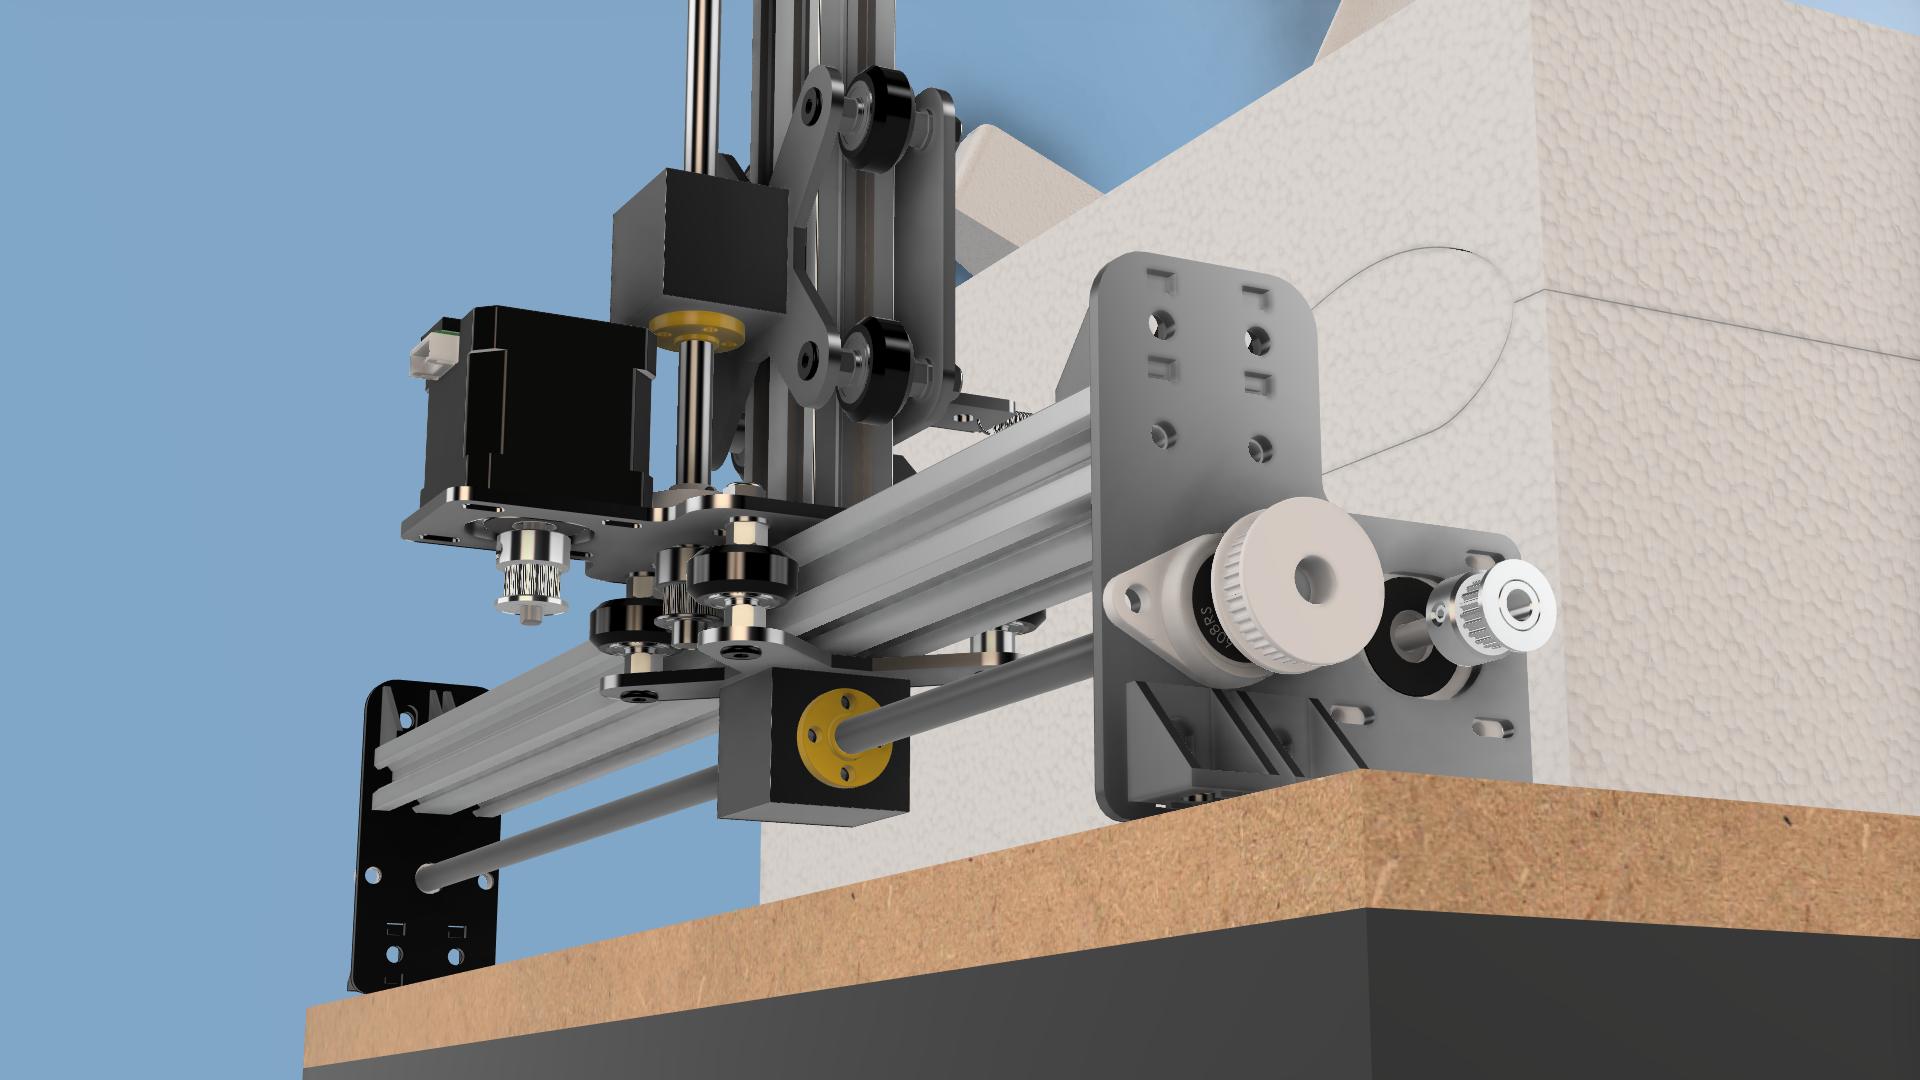 Станок с ЧПУ для резки пенопласта и поролона 3D-модель чертежи